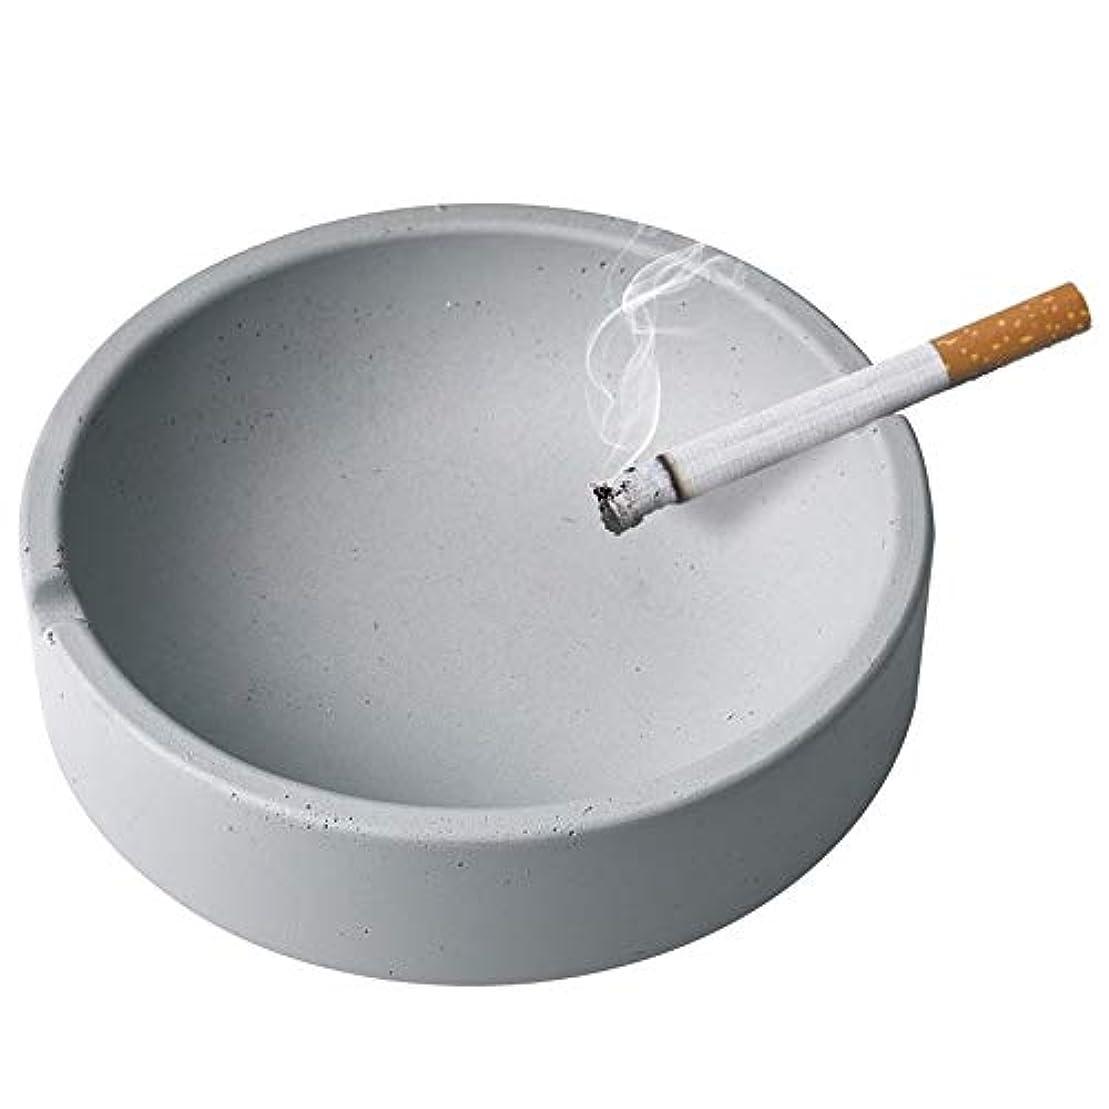 味わう感嘆一次家庭用産業風コンクリート灰皿、パーソナライズ屋外灰皿、多人数使用シーンリビングルームオフィスレストラン灰皿装飾 (Size : L)